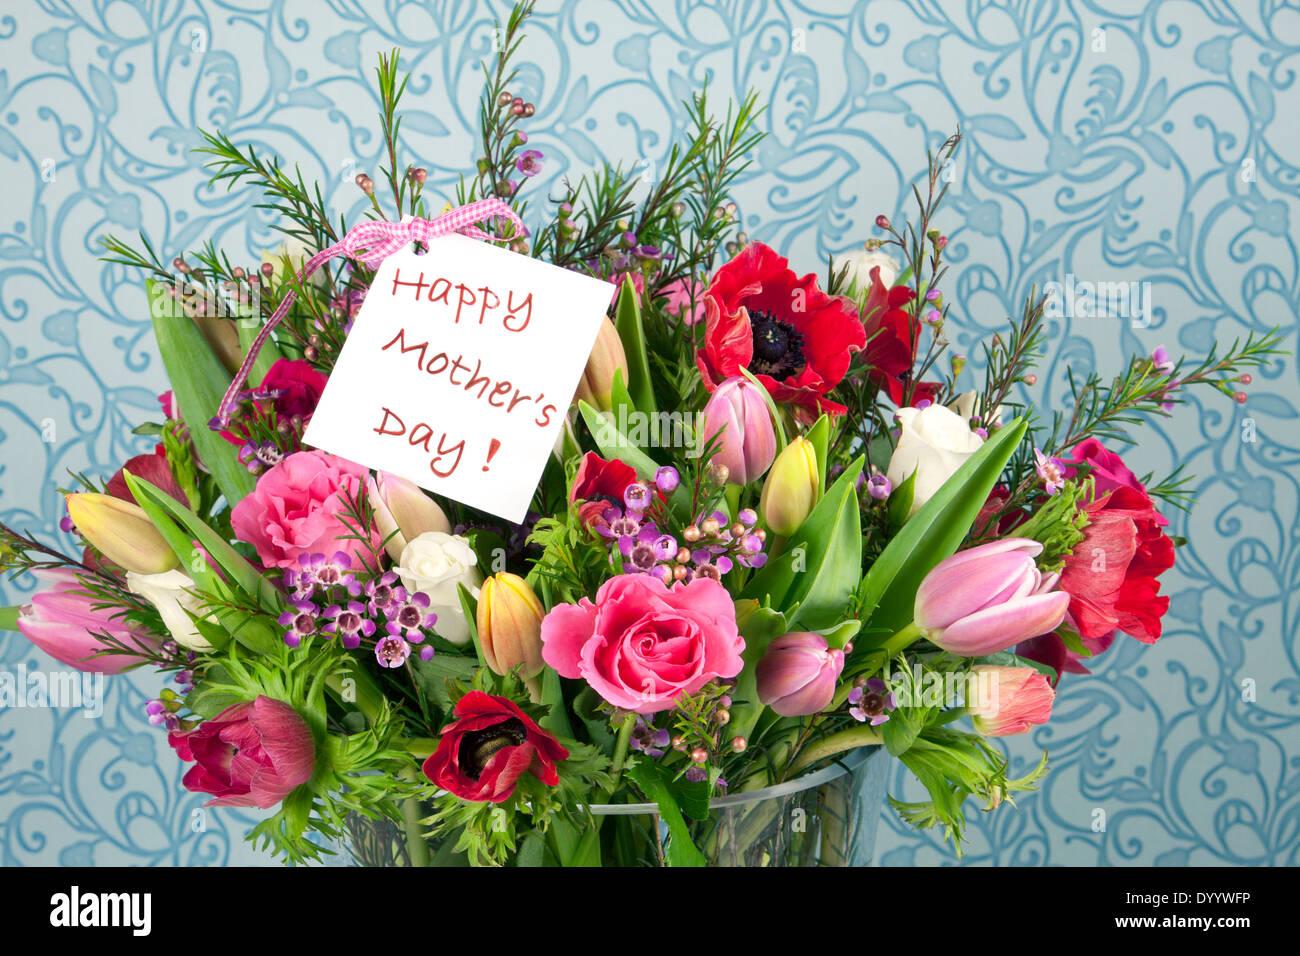 Einen schönen Blumenstrauß mit Rosen, Tulpen und Anemonen zum ...